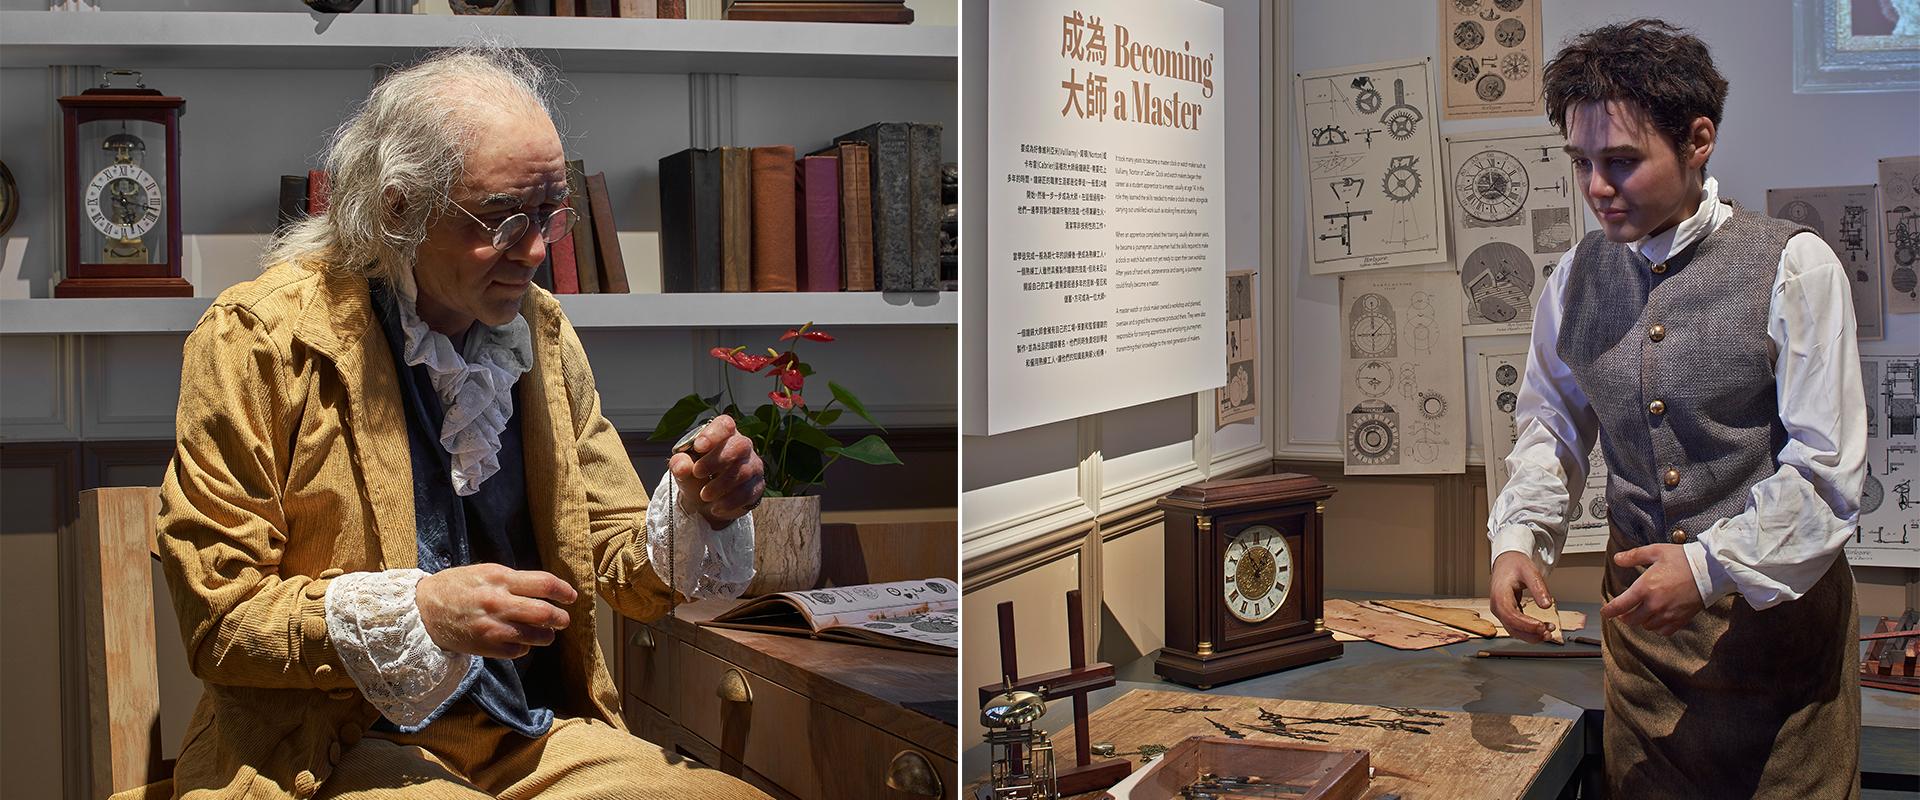 Science Museum 7_8.jpg